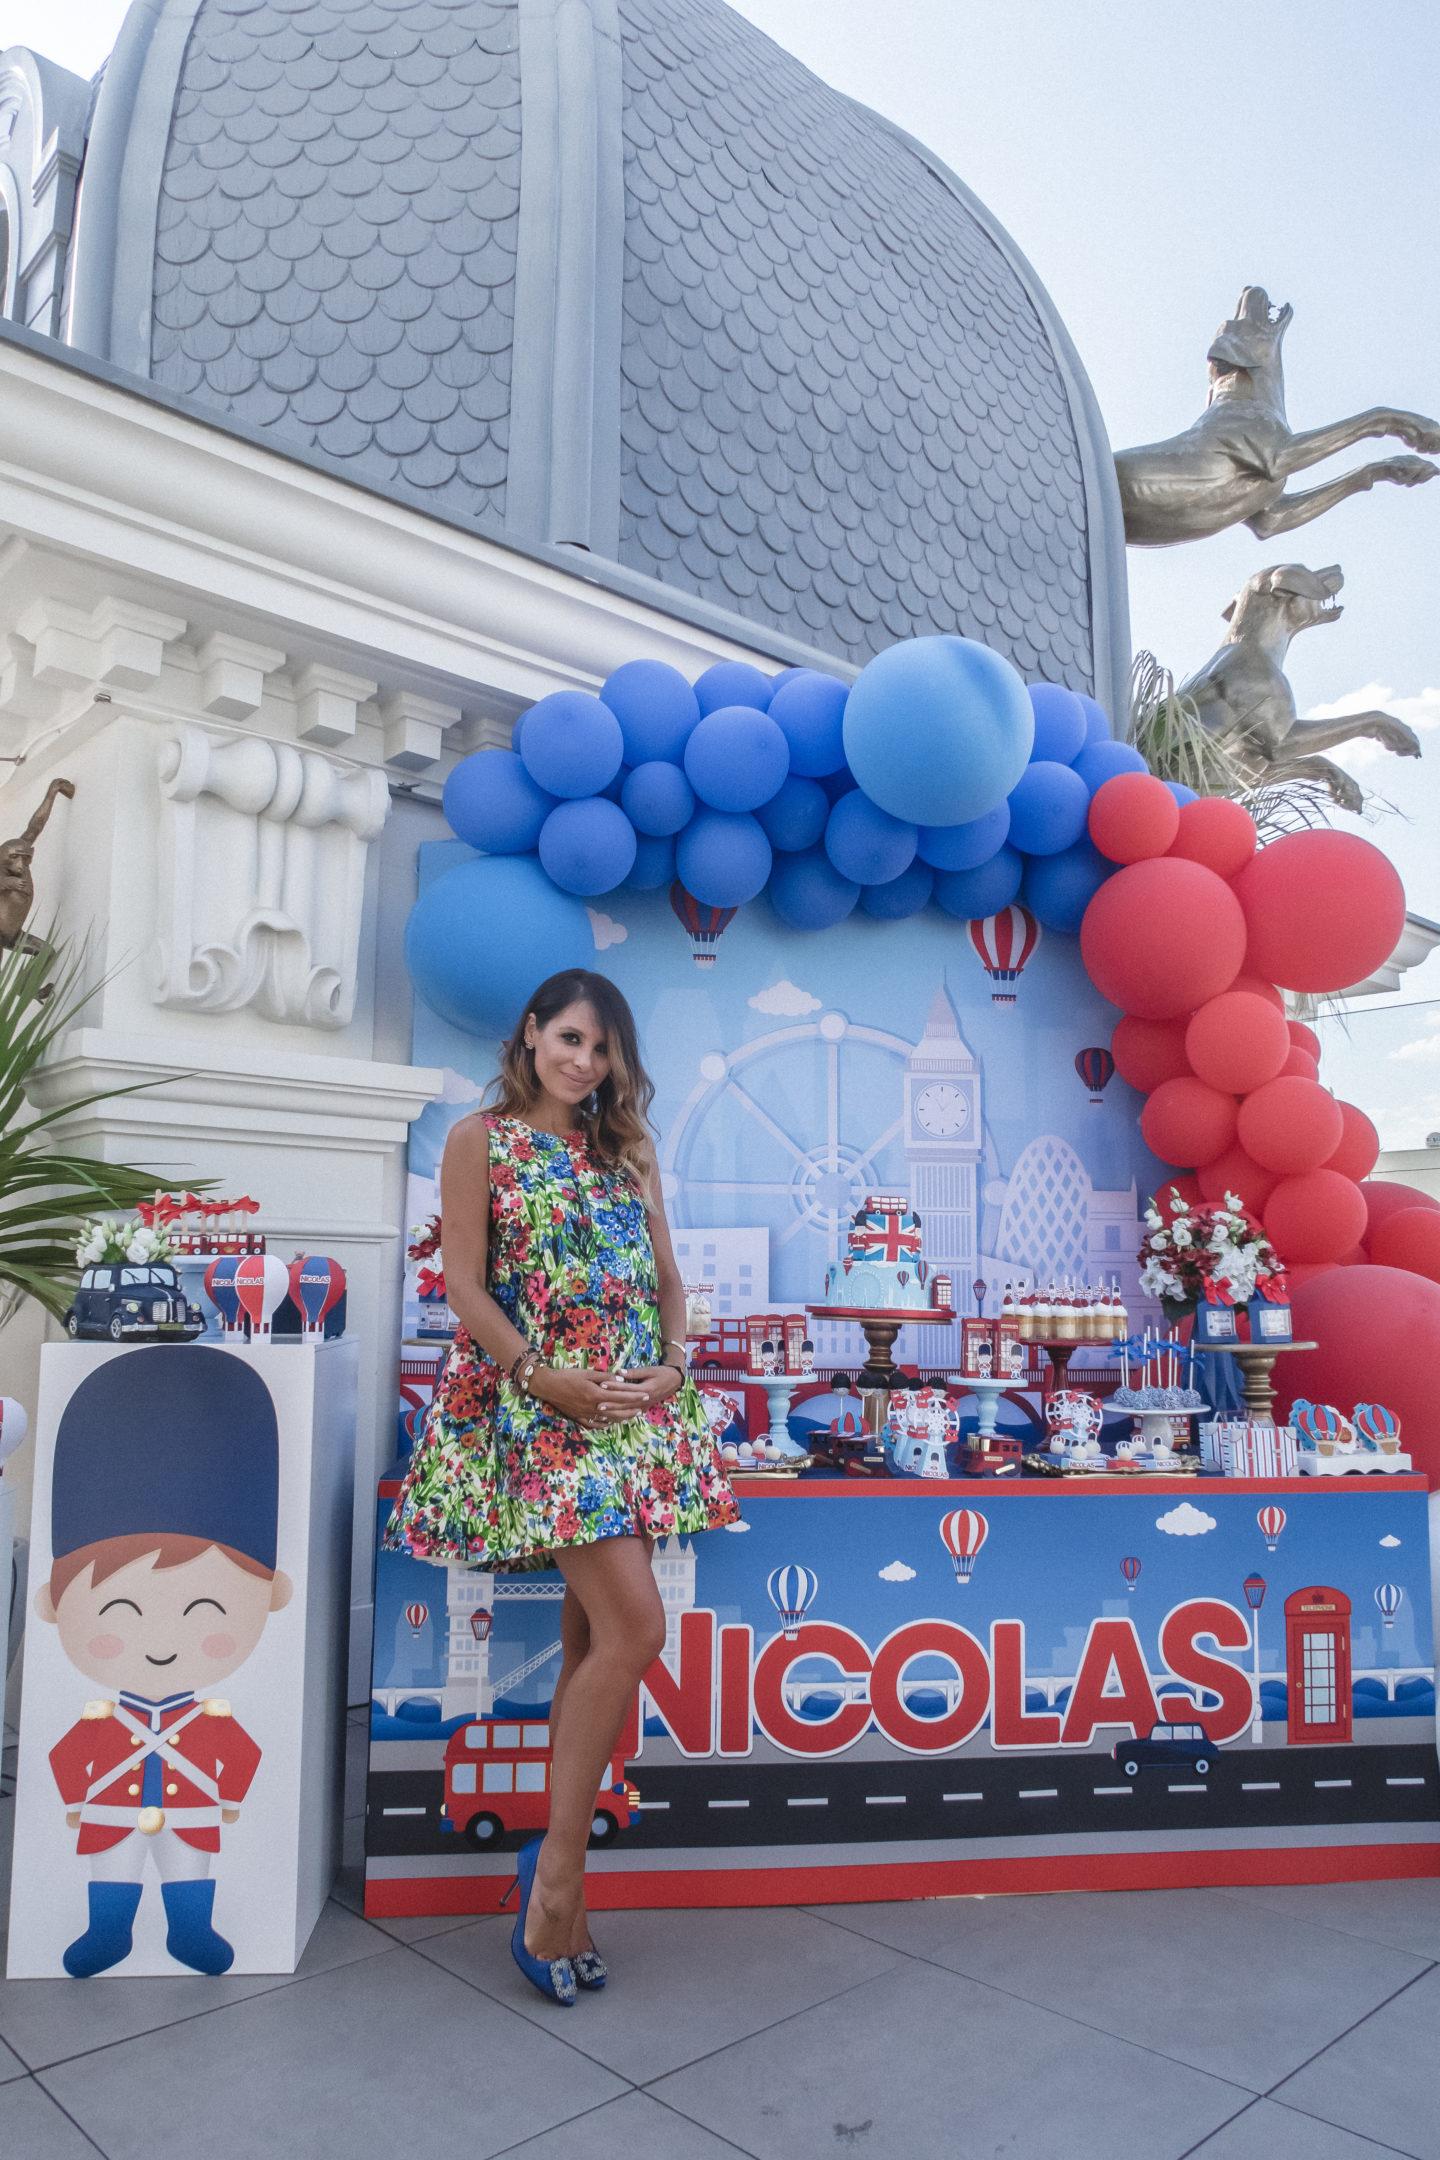 Nicolas British baby shower